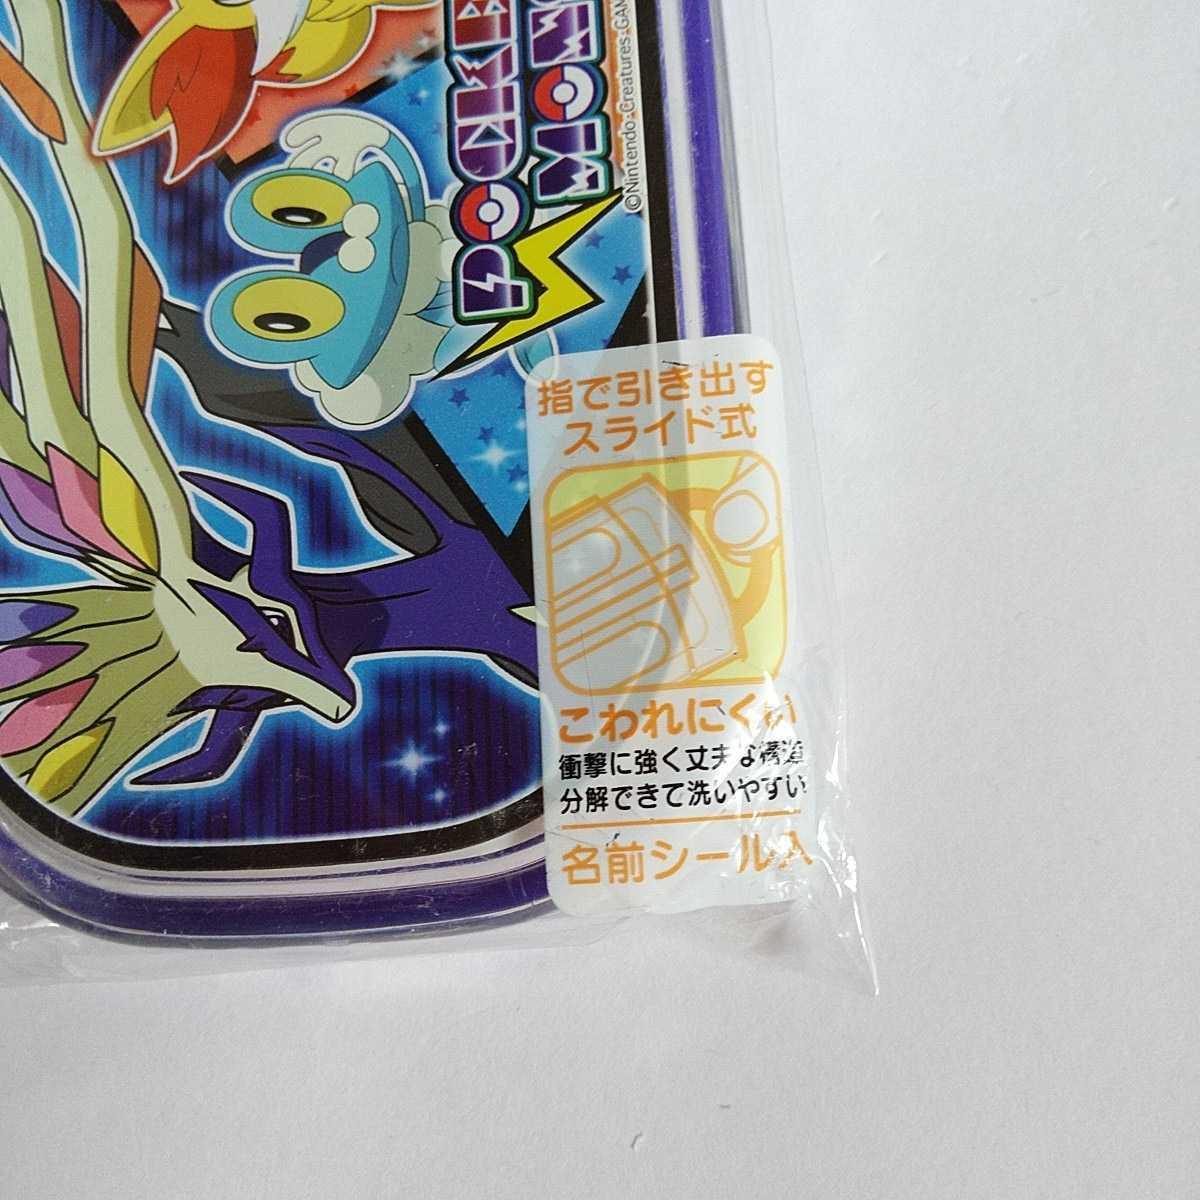 スライド式 トリオセット ポケモン 日本製 ポケットモンスター 食洗機対応 カトラリー クーポン ポイント消化 送料無料 匿名配送_画像6